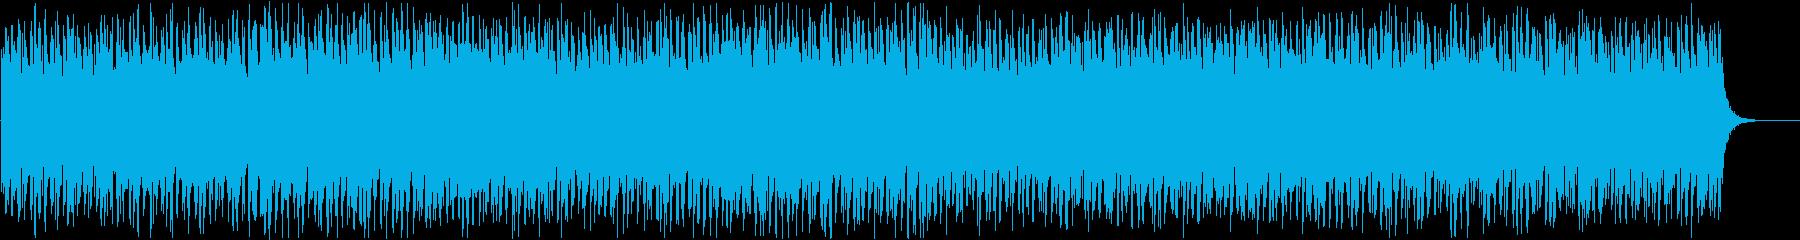 速いテンポの映画・ゲーム戦闘BGMの再生済みの波形